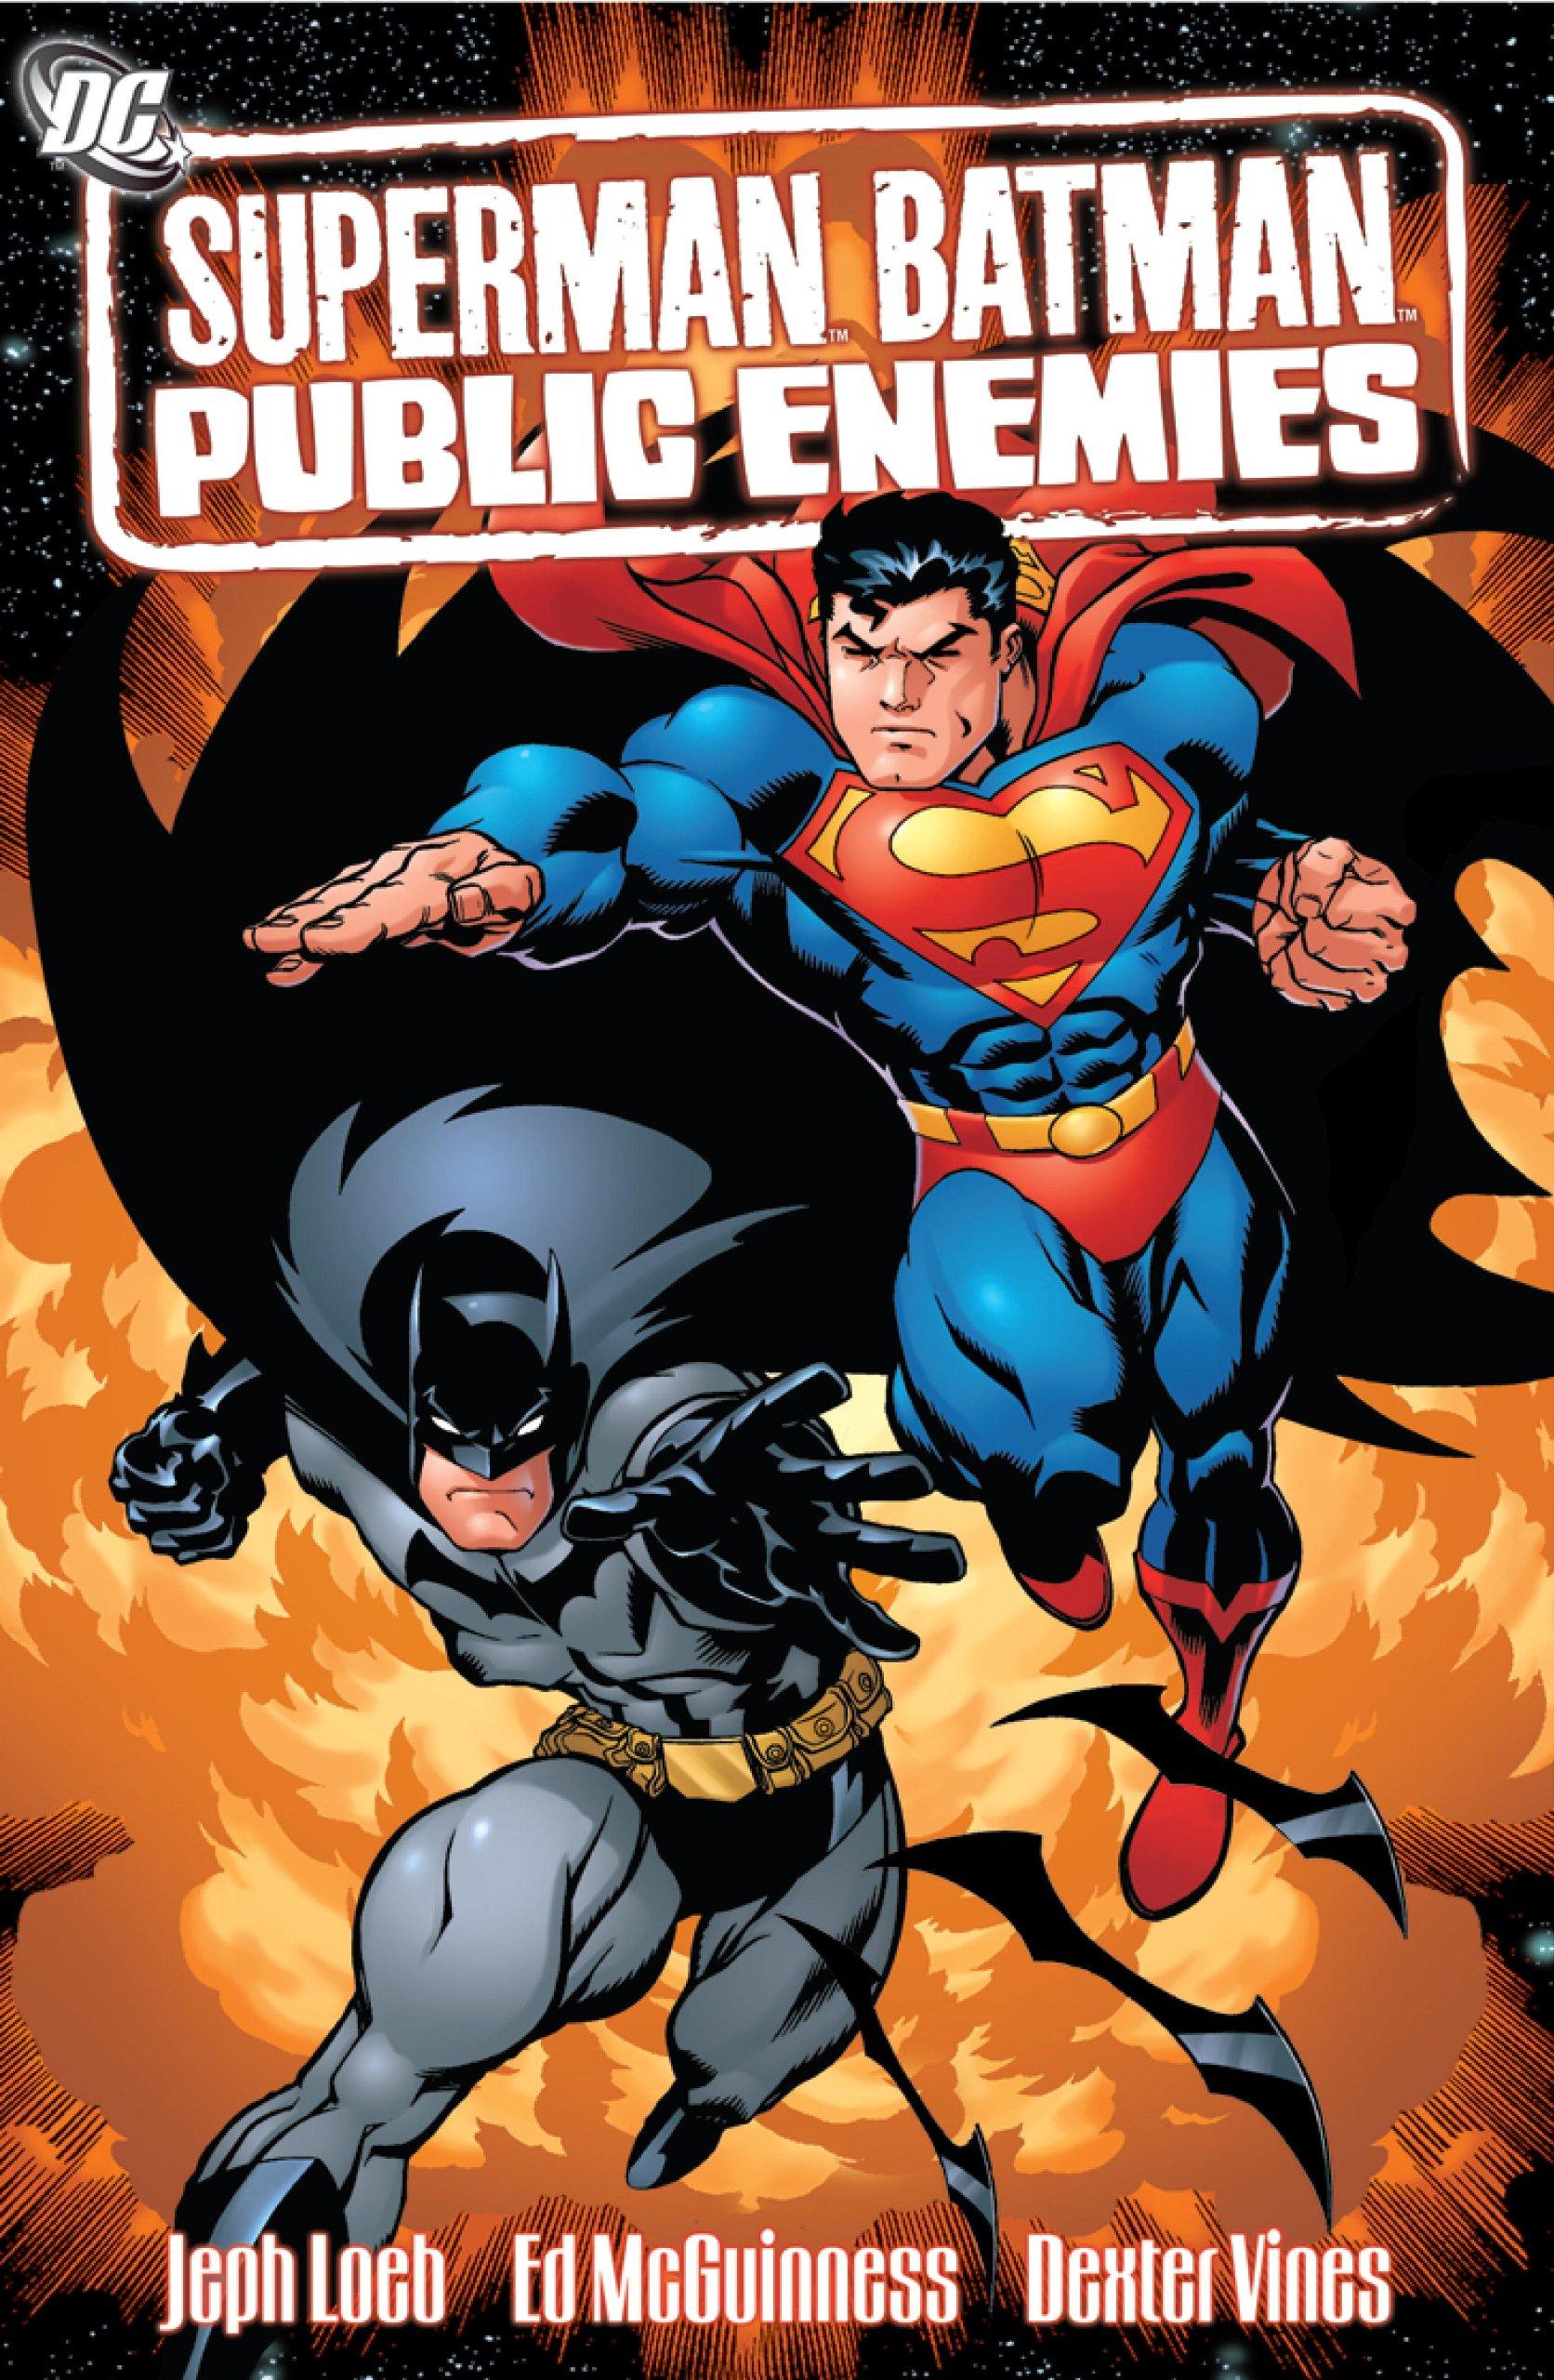 Amazon Superman Batman VOL 01 Public Enemies Graphic Novels 9781401202200 Jeph Loeb Ed McGuinness Books